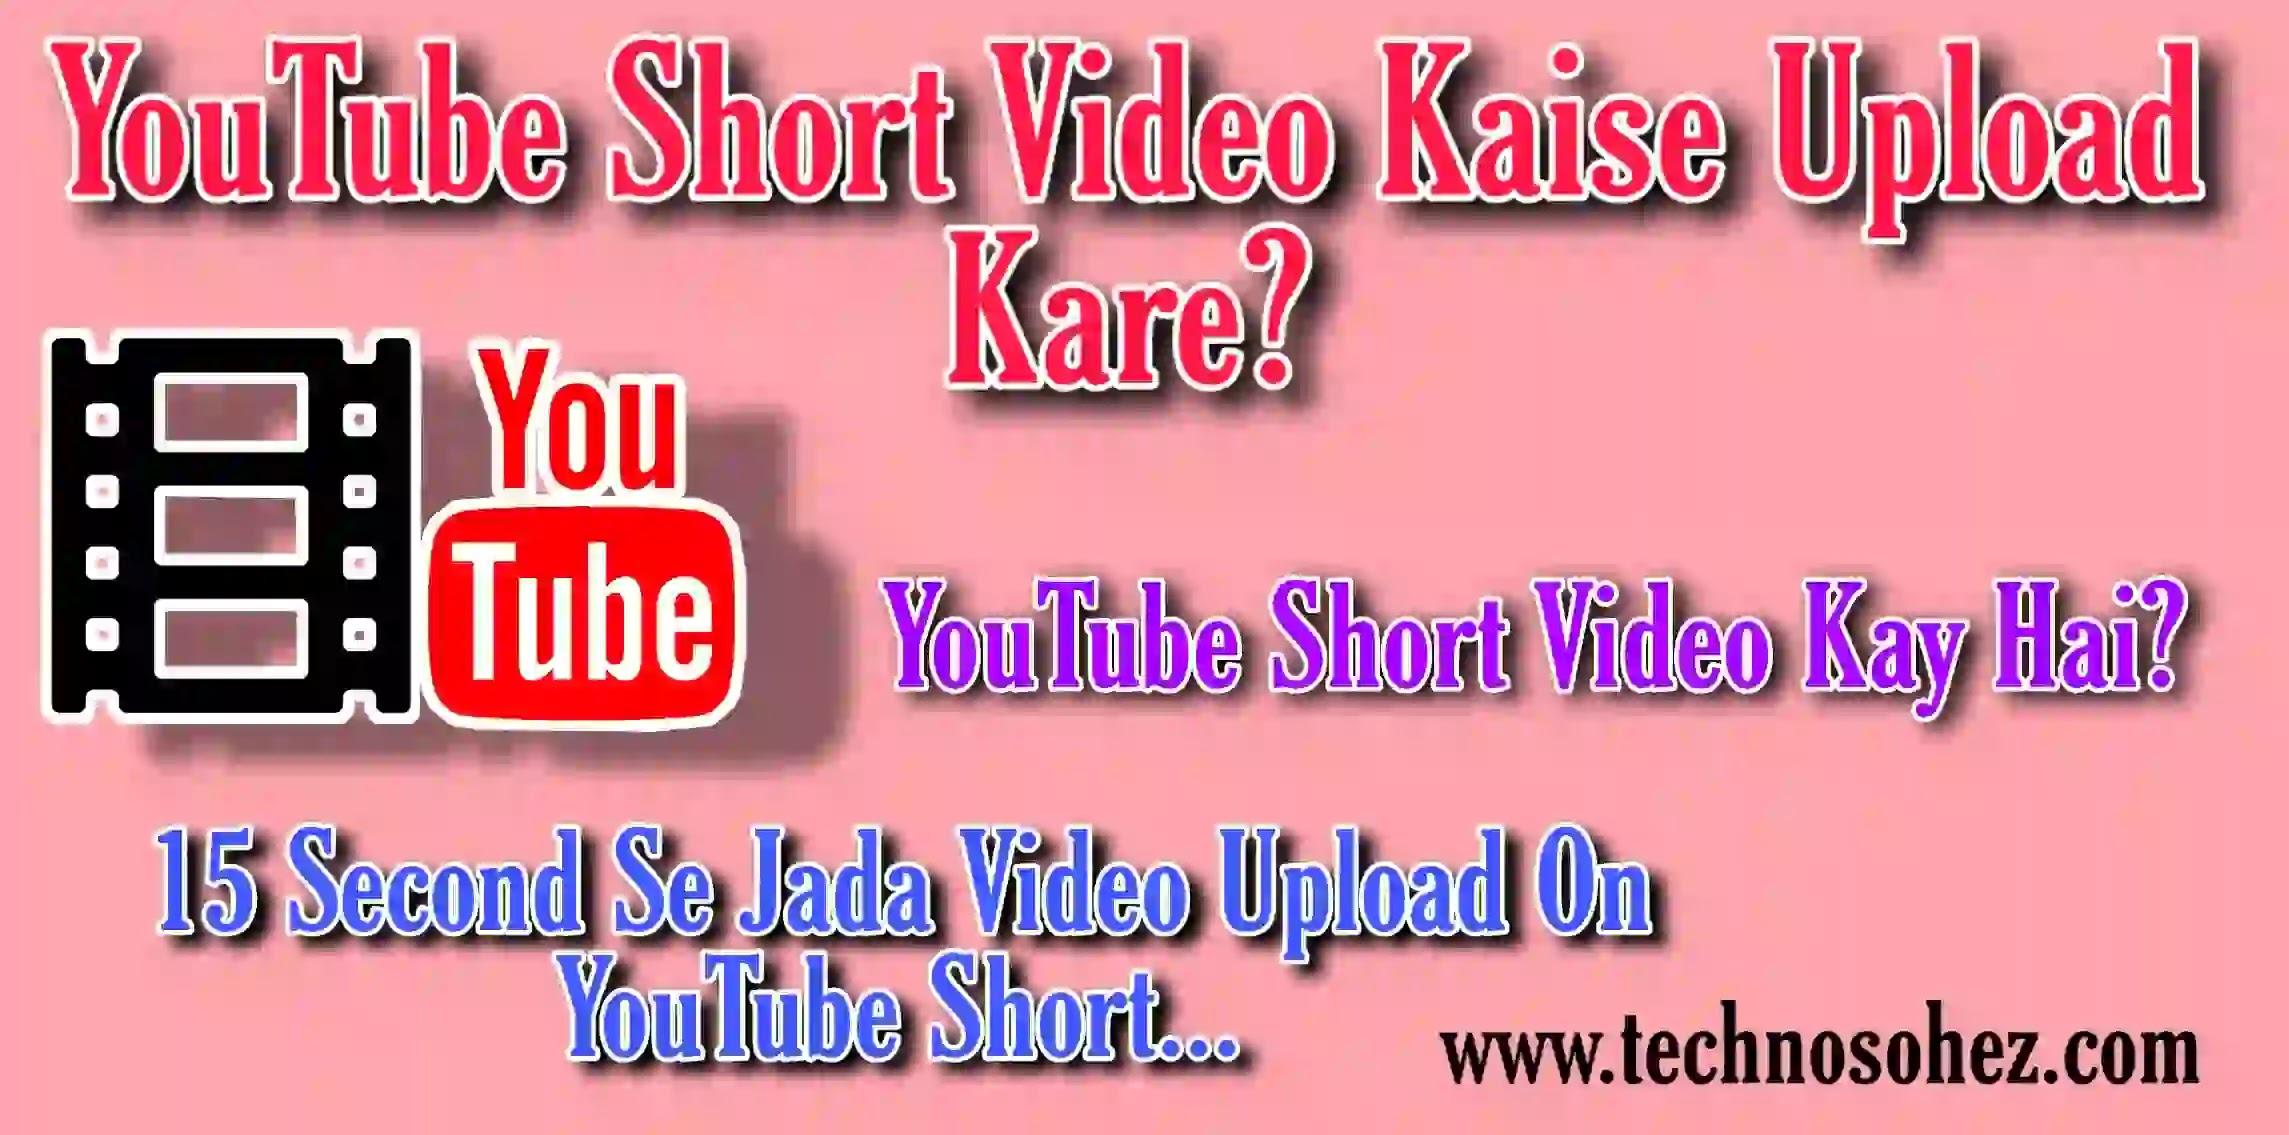 YouTube Shorts Video kaise Upload karte Hai?15 सेकंड से ज्यादा।